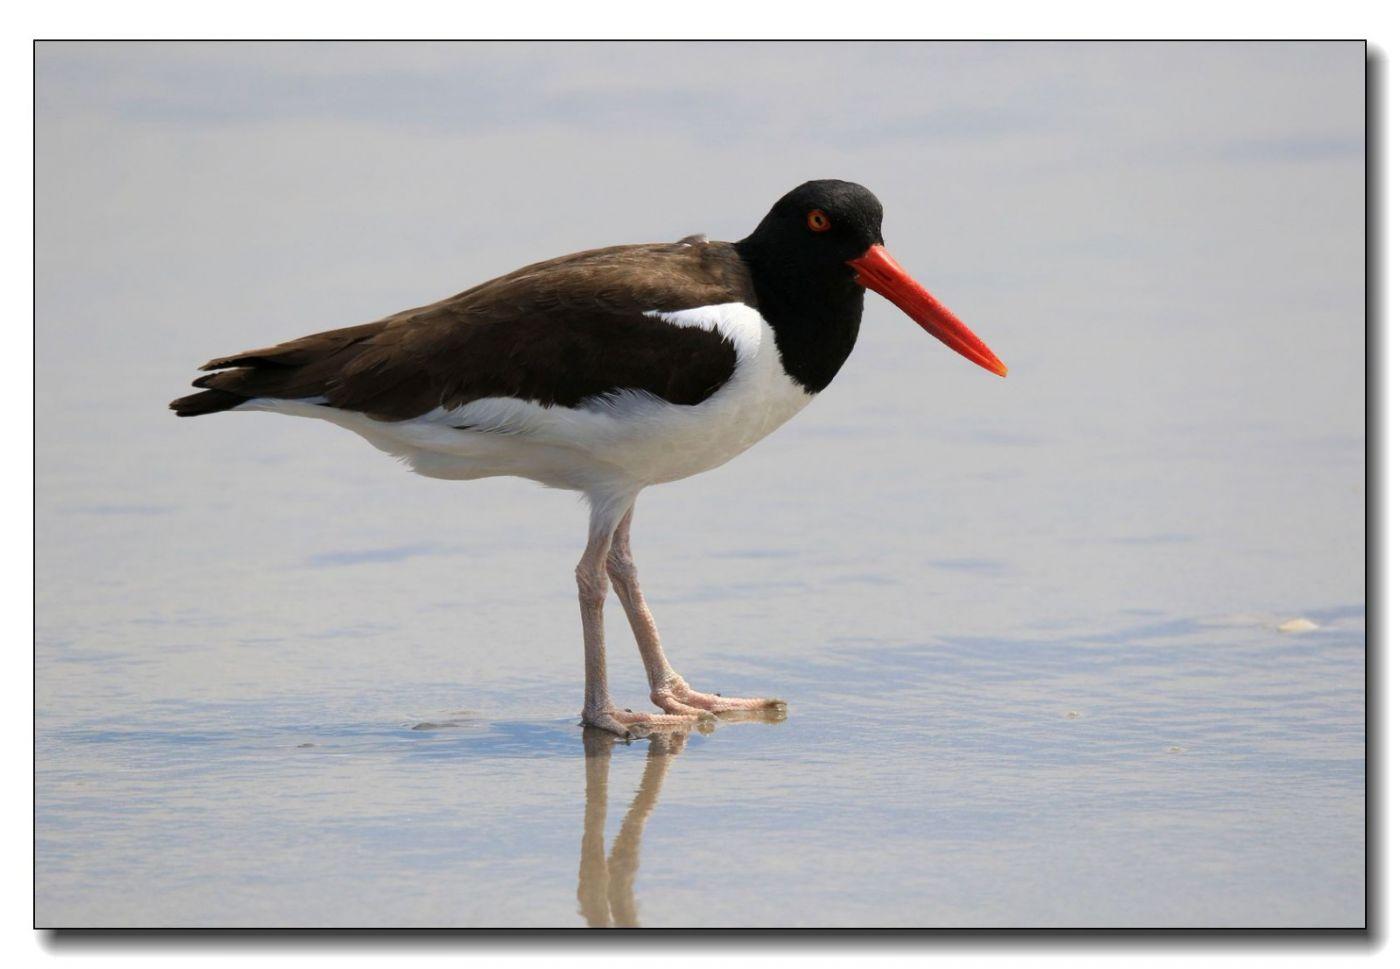 洛克威海滩拍鸟—励鹬_图1-6